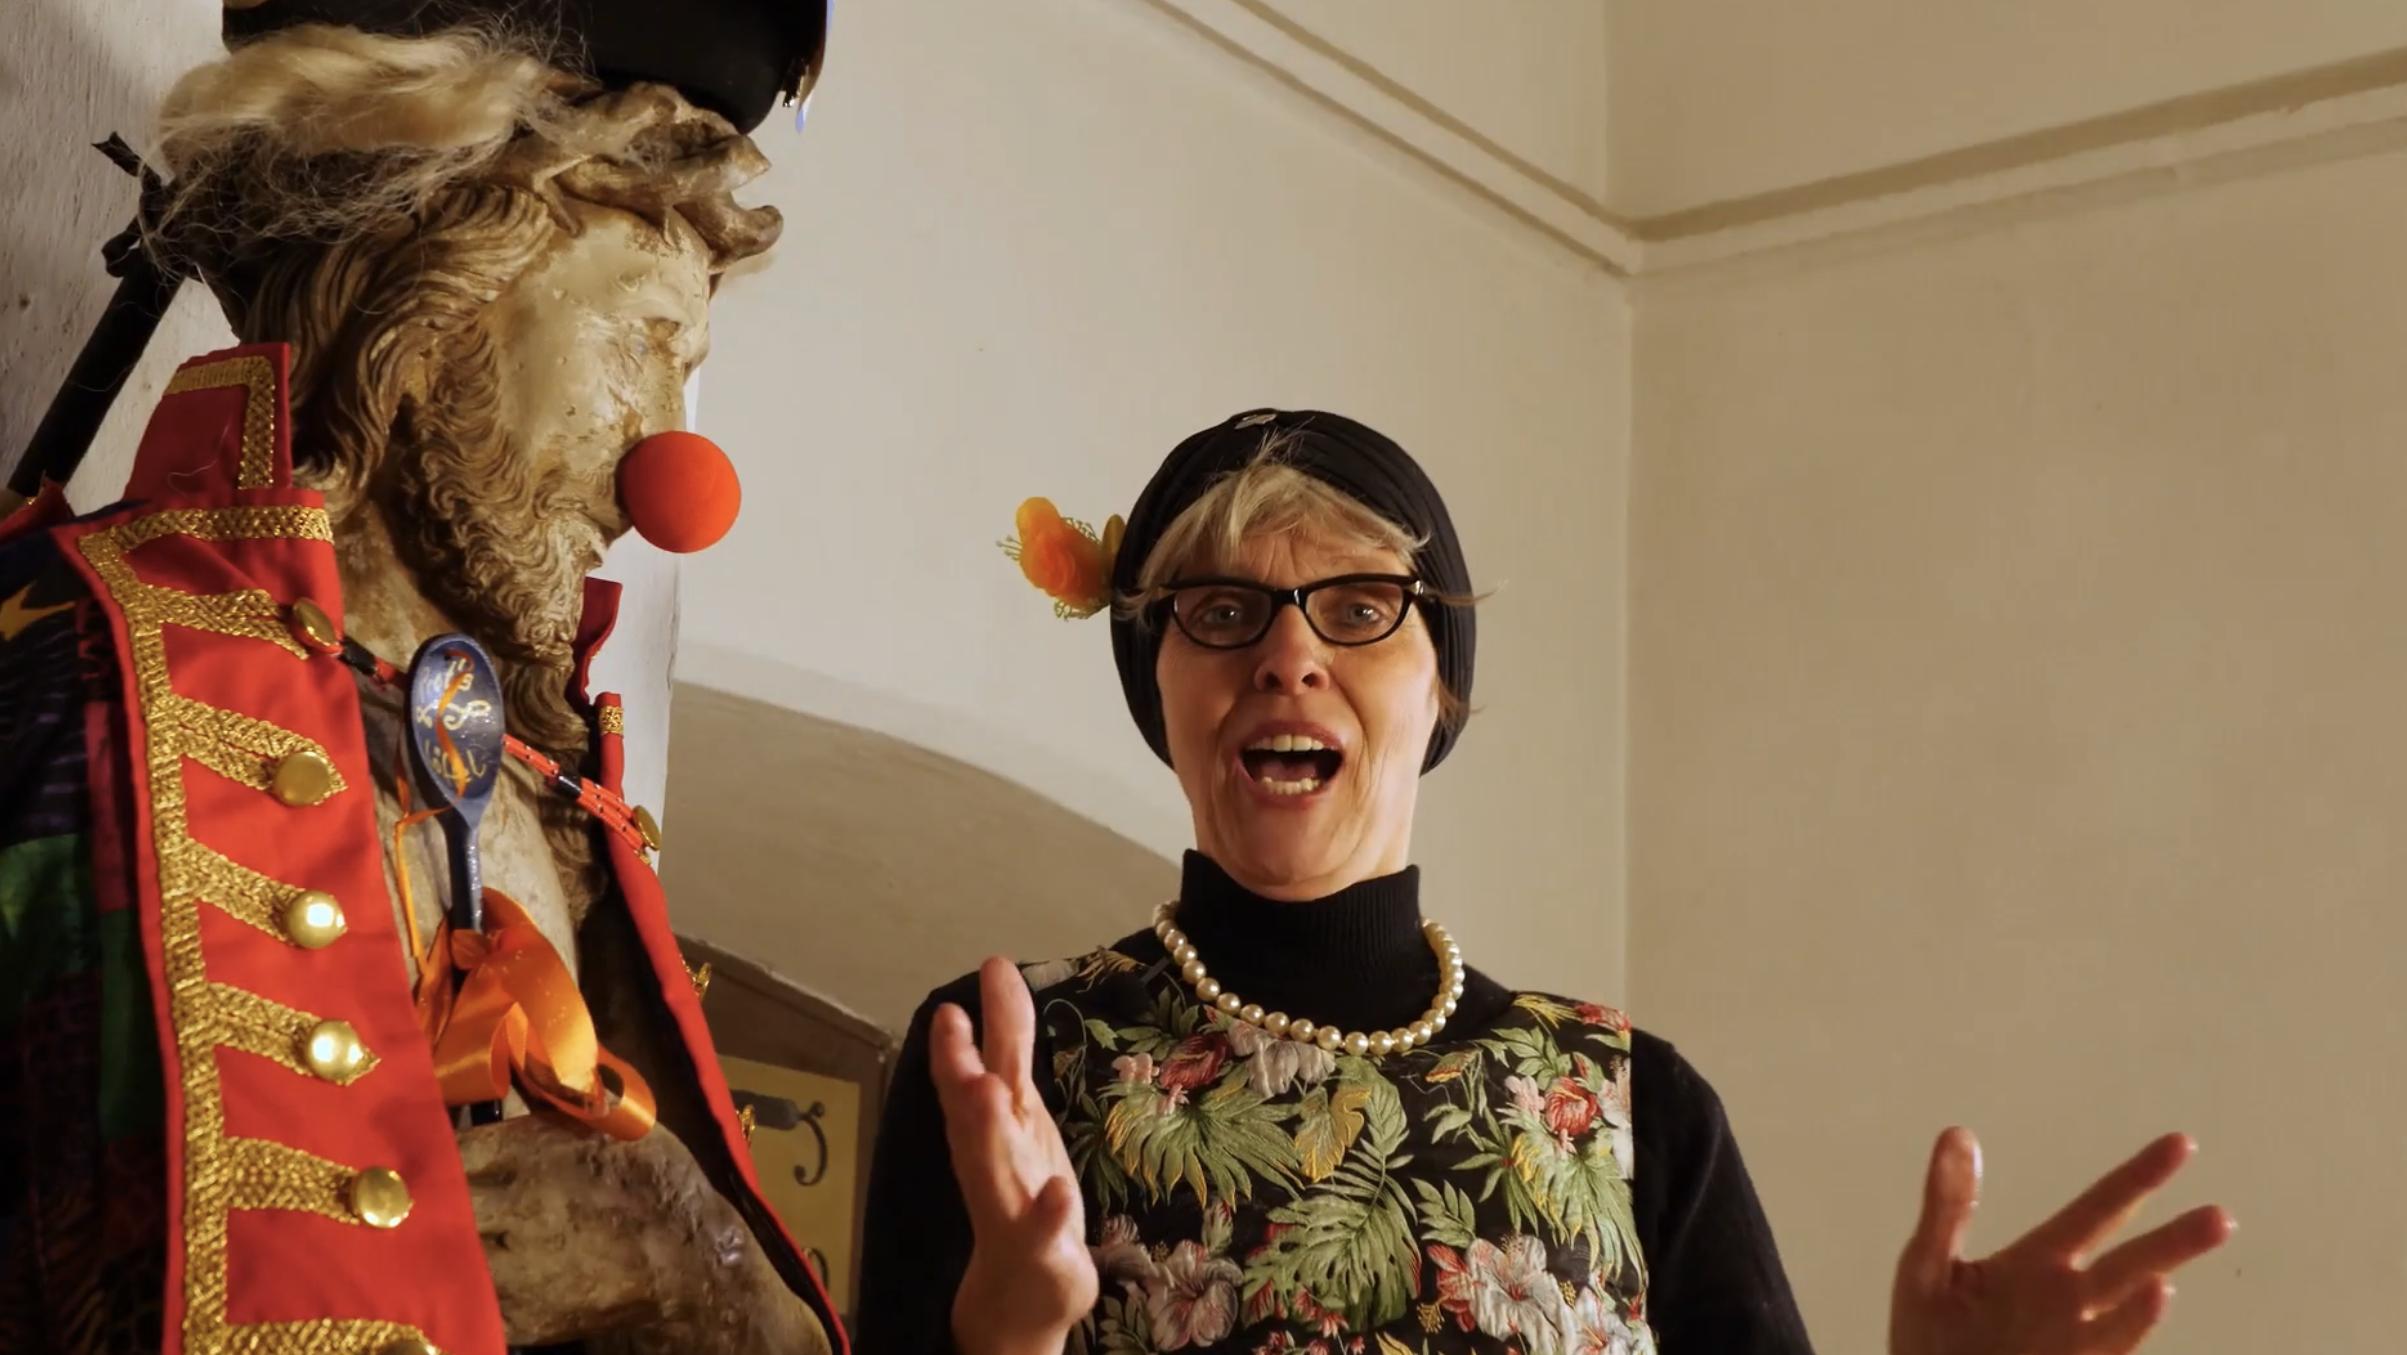 Mit PROT's – Der Film winken die Blauköppe ihrem Publikum virtuell zu